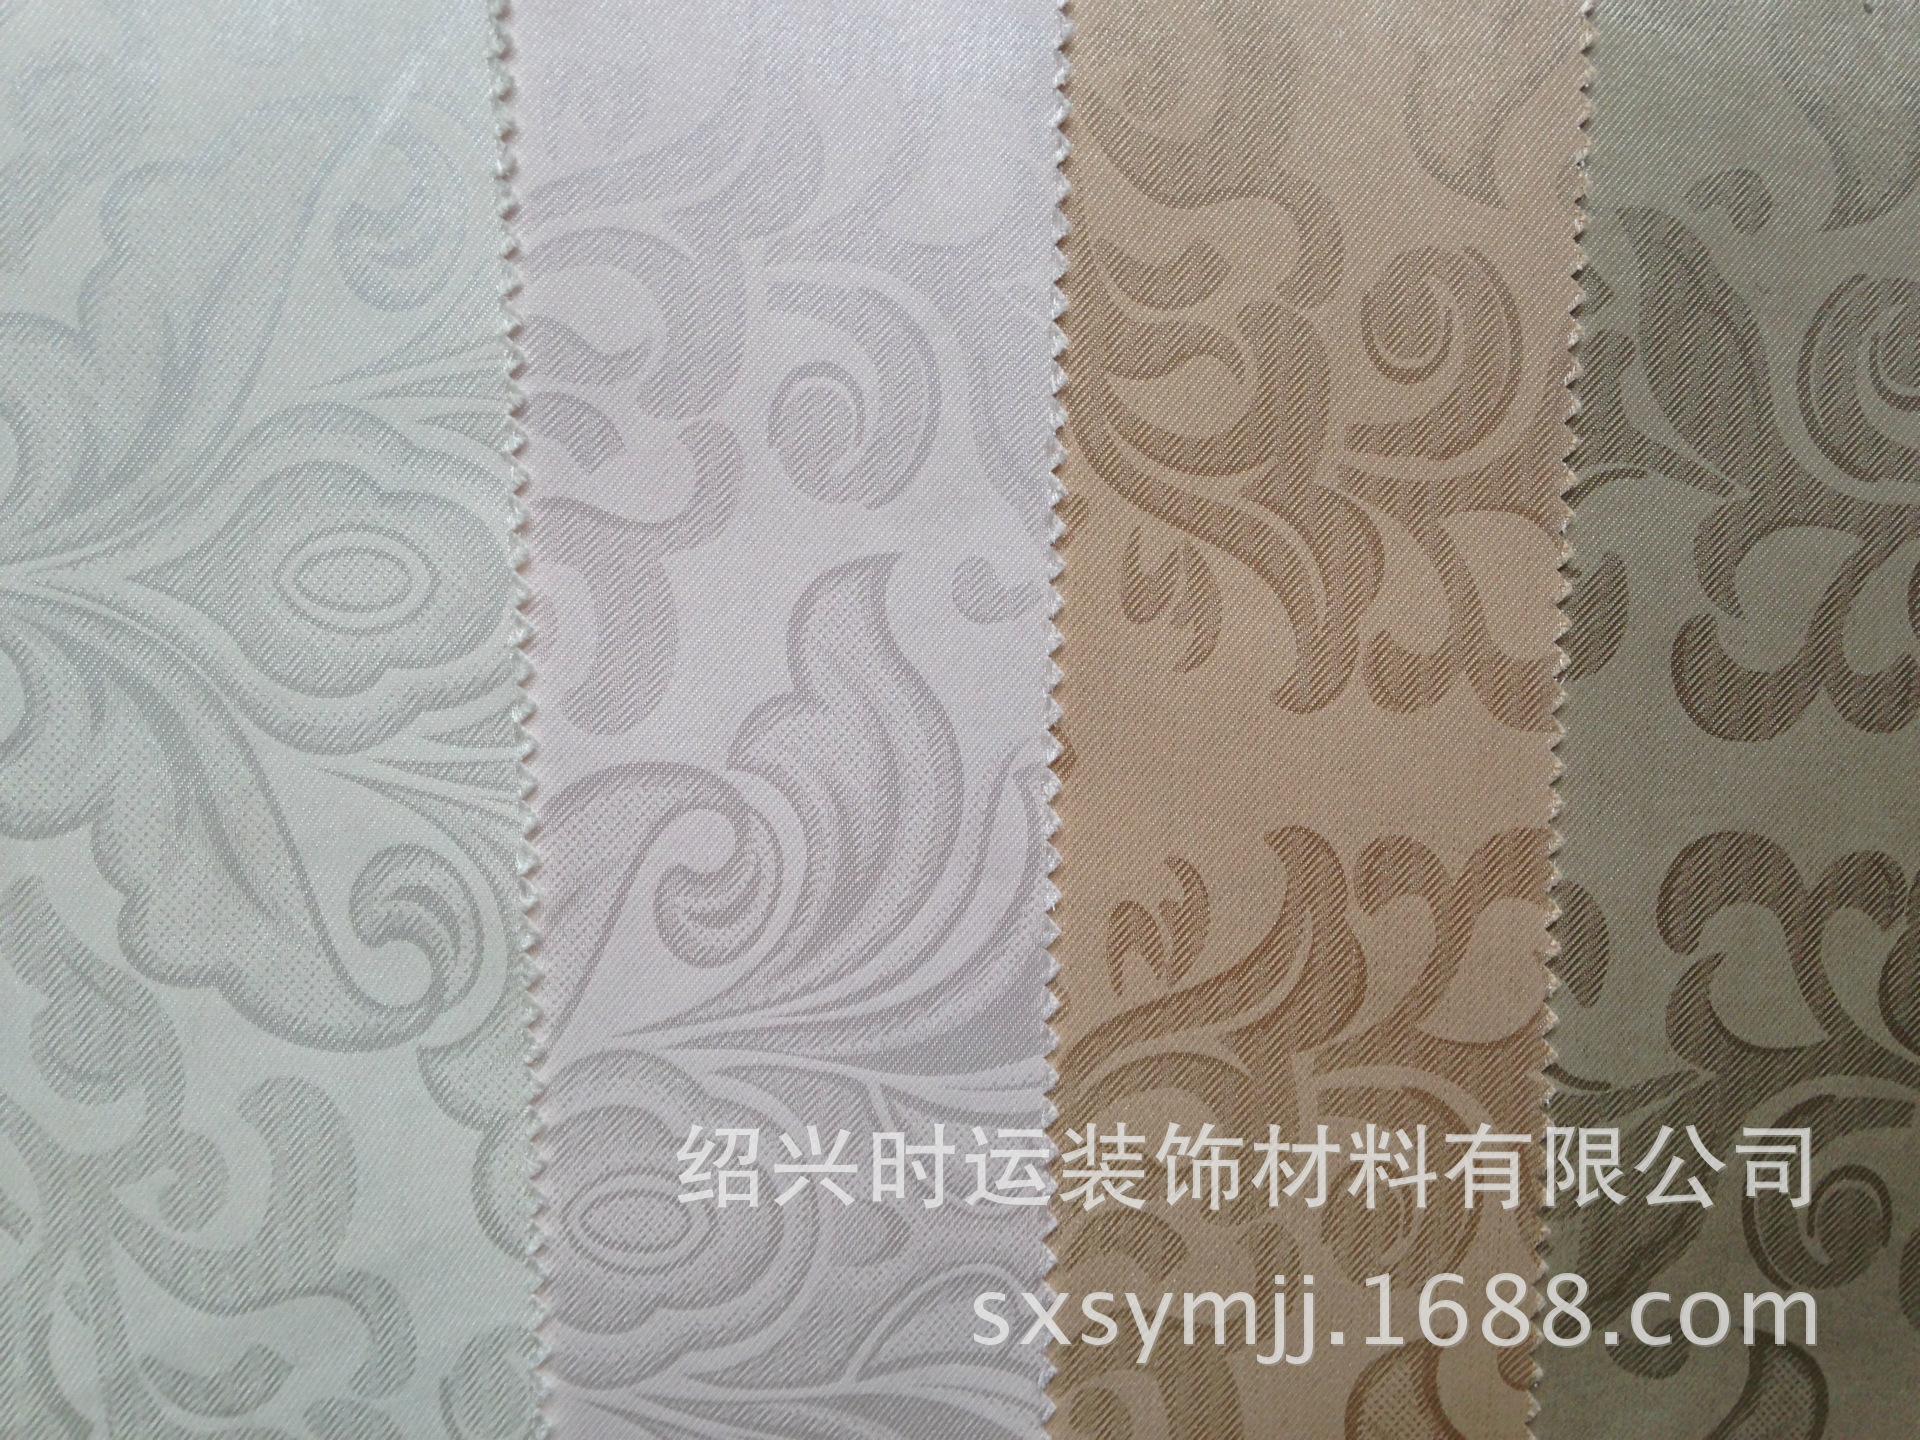 品牌保证 织女星无缝墙布 绍兴时运壁布 专业研发